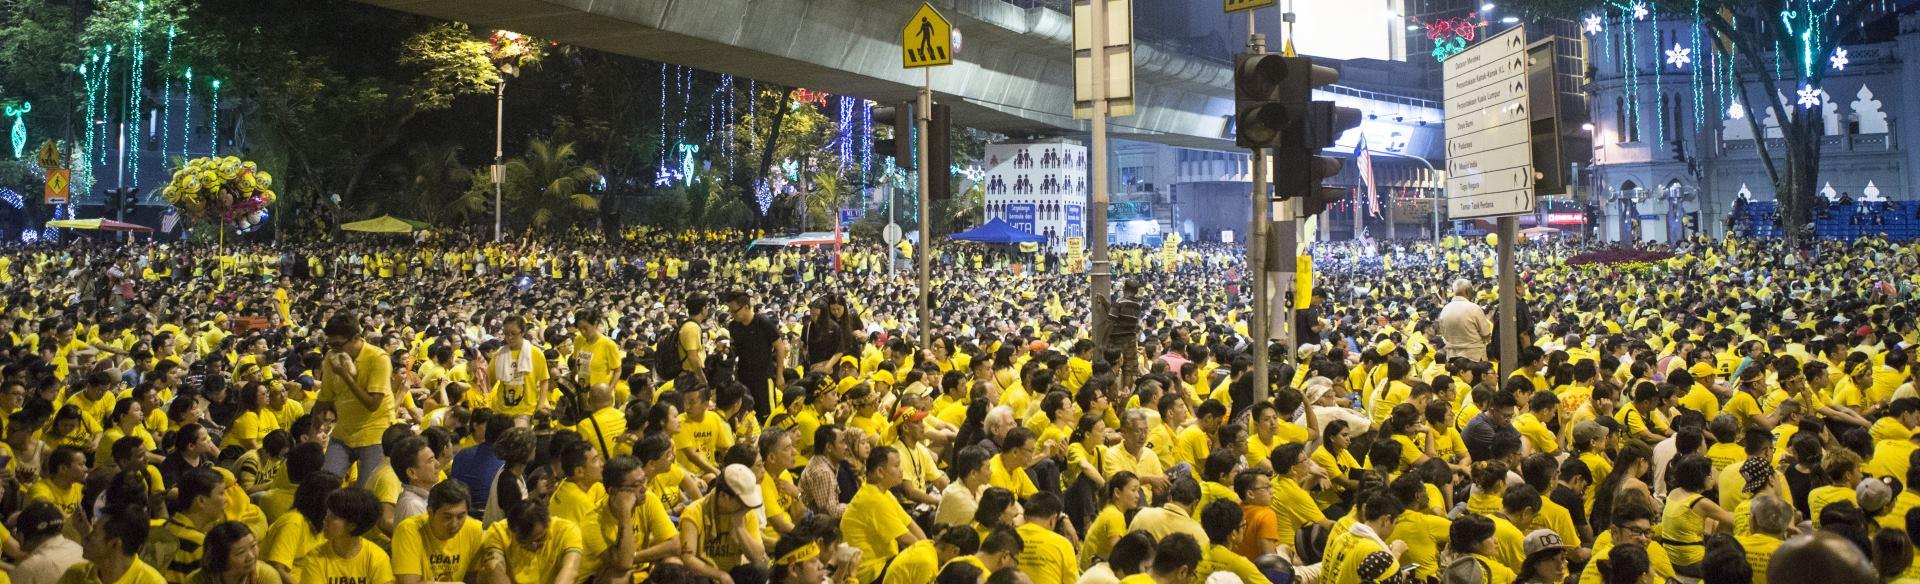 VIDEO: Prosvjed u glavnom malezijskom gradu Kuala Lumpuru